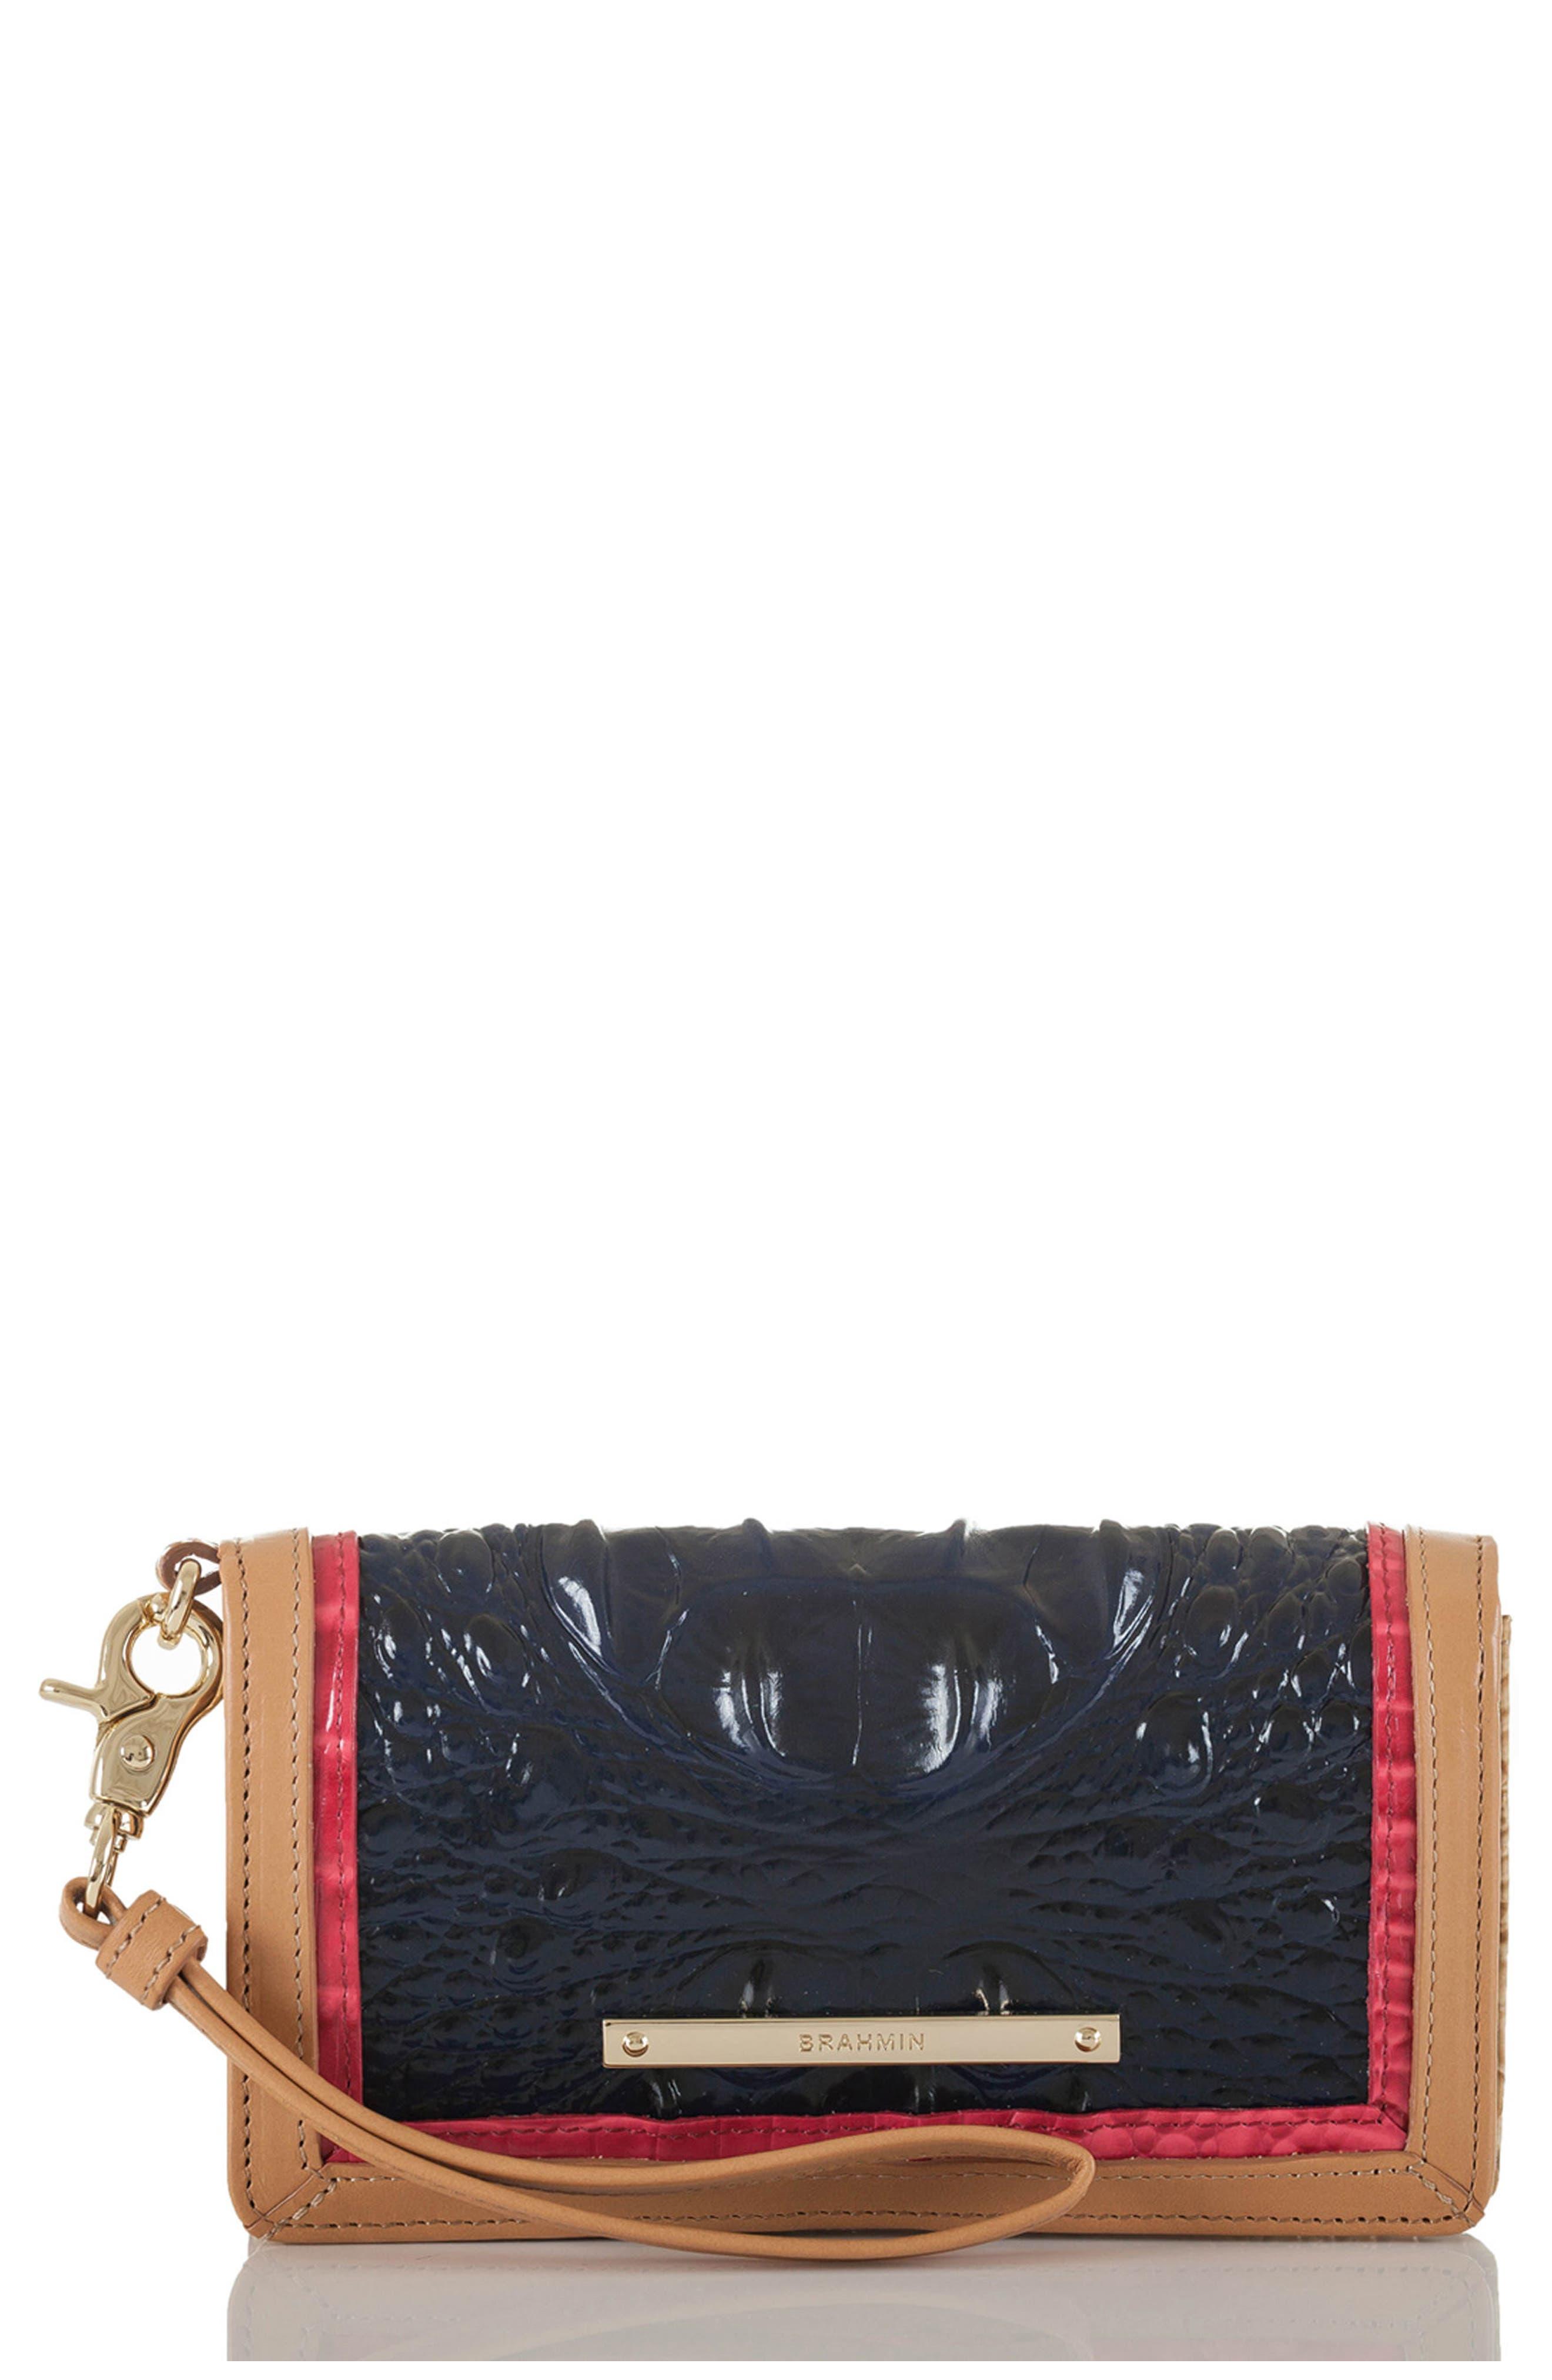 Brahmin Debra Croc Embossed Leather Phone Wallet